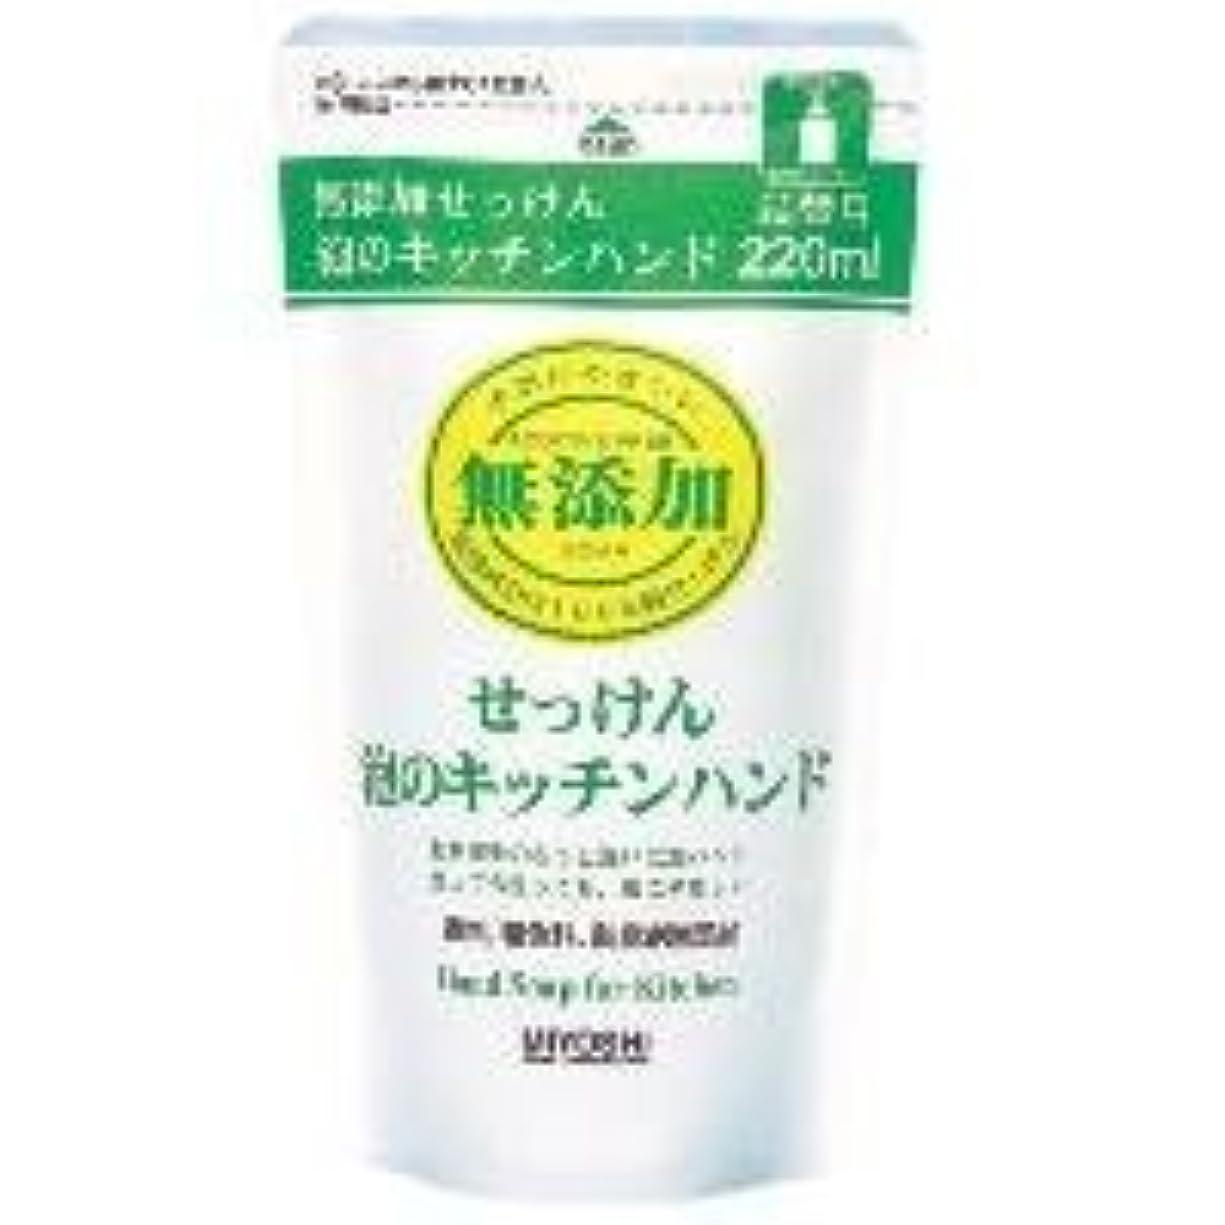 ミヨシ石鹸 無添加せっけん 泡のキッチンハンド 詰替用  220ml